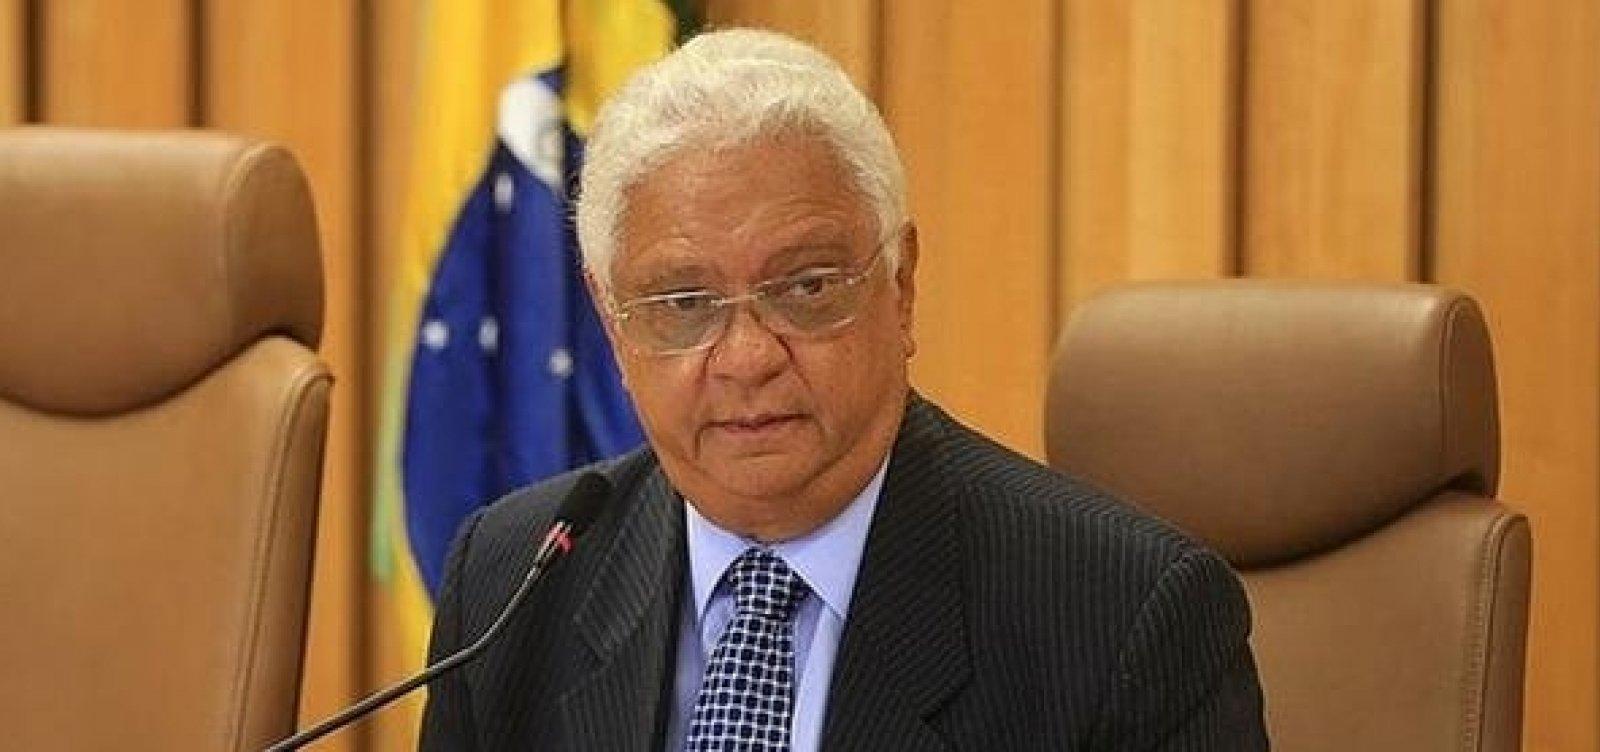 Desembargador baiano é nomeado assessor do ministro Dias Toffoli